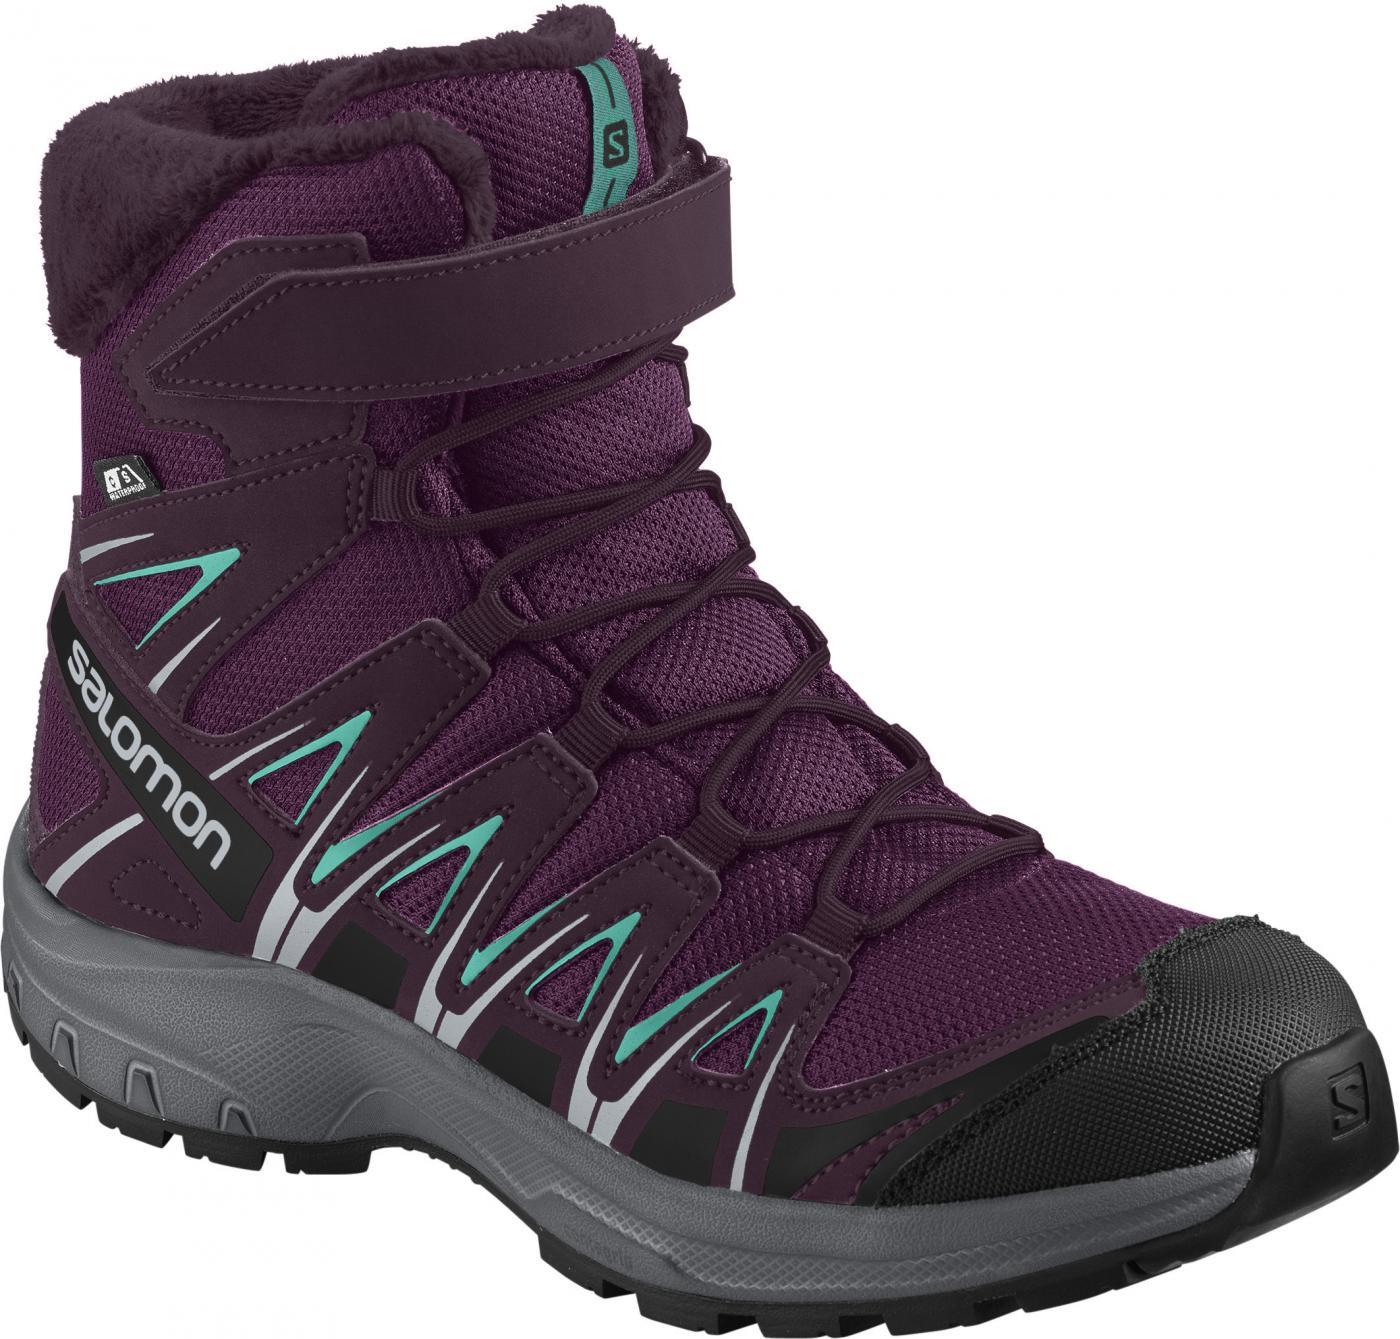 71acfe6f25f Detská obuv XA PRO 3D WINTER TS CSWP J Darkpurpl